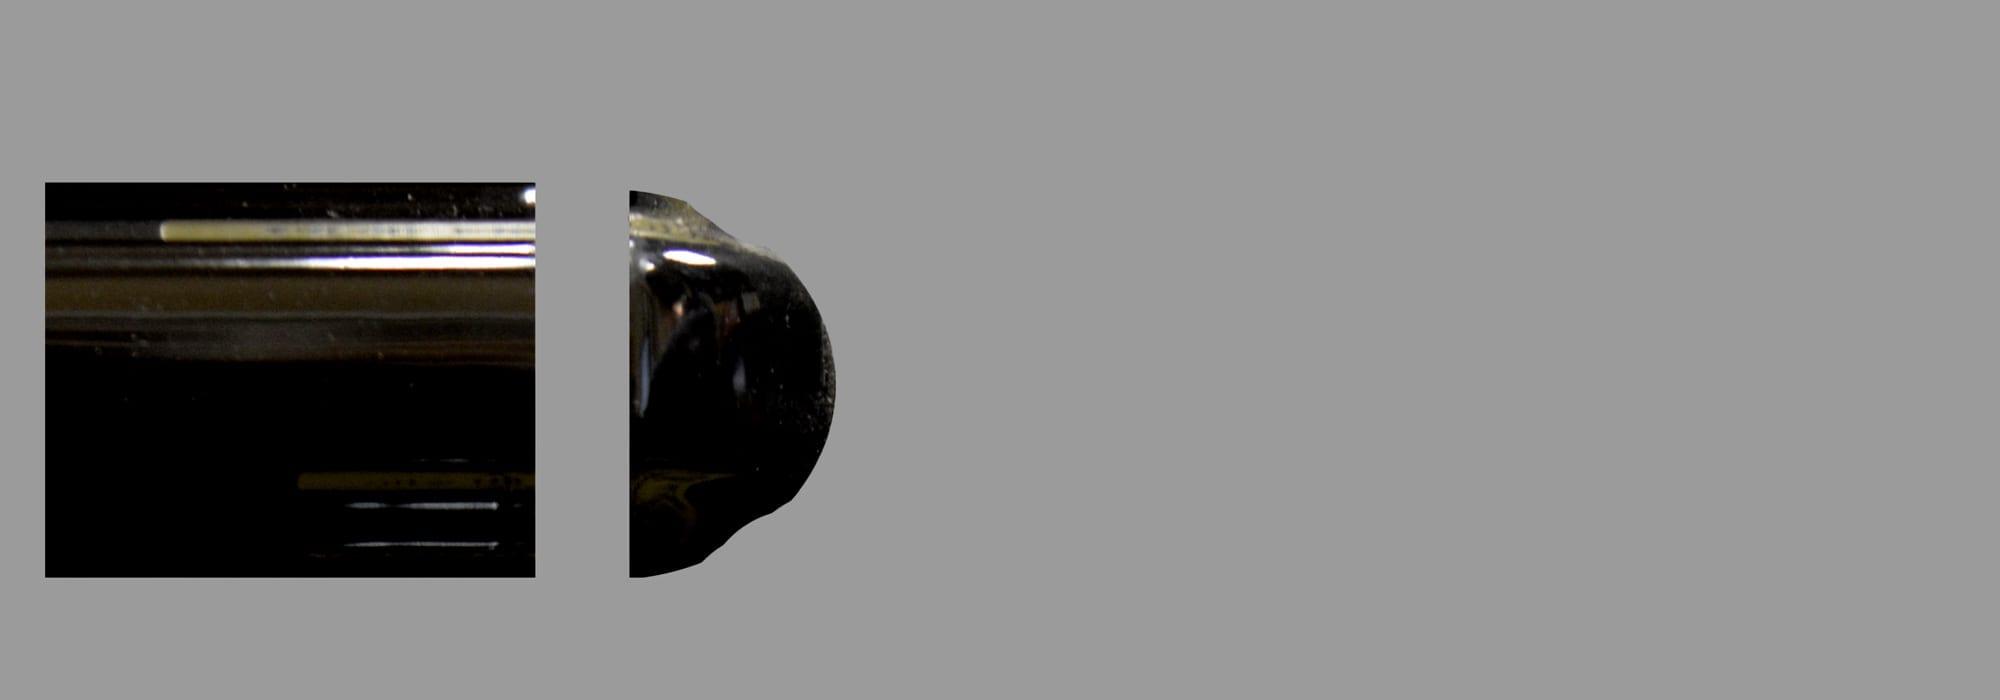 פינה קרמיקה שחור מבריק (דגם 7)  30*2.5 by Milstone